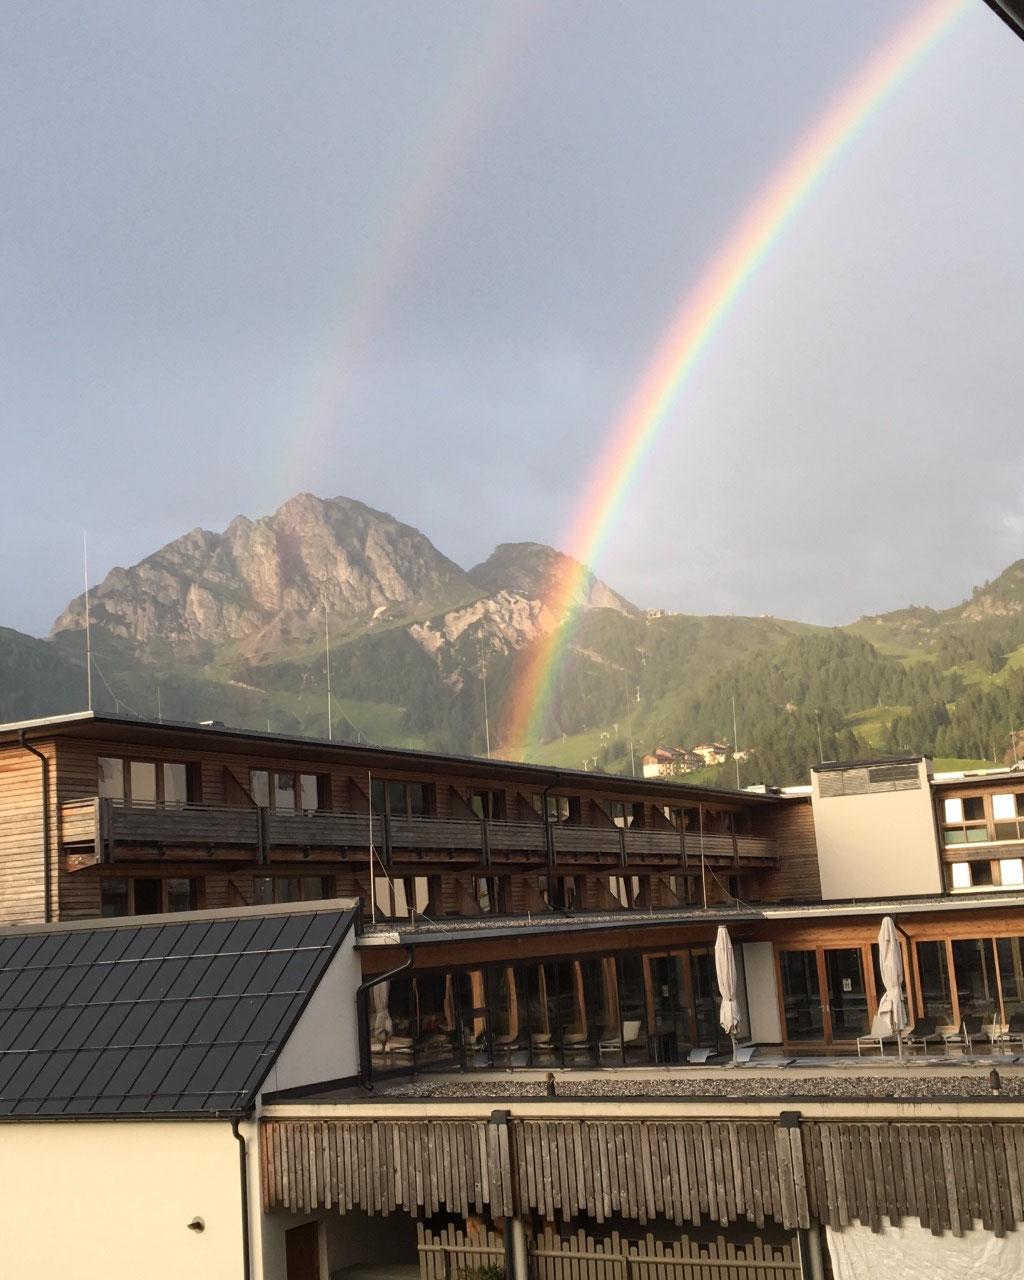 A rainbow during dinner